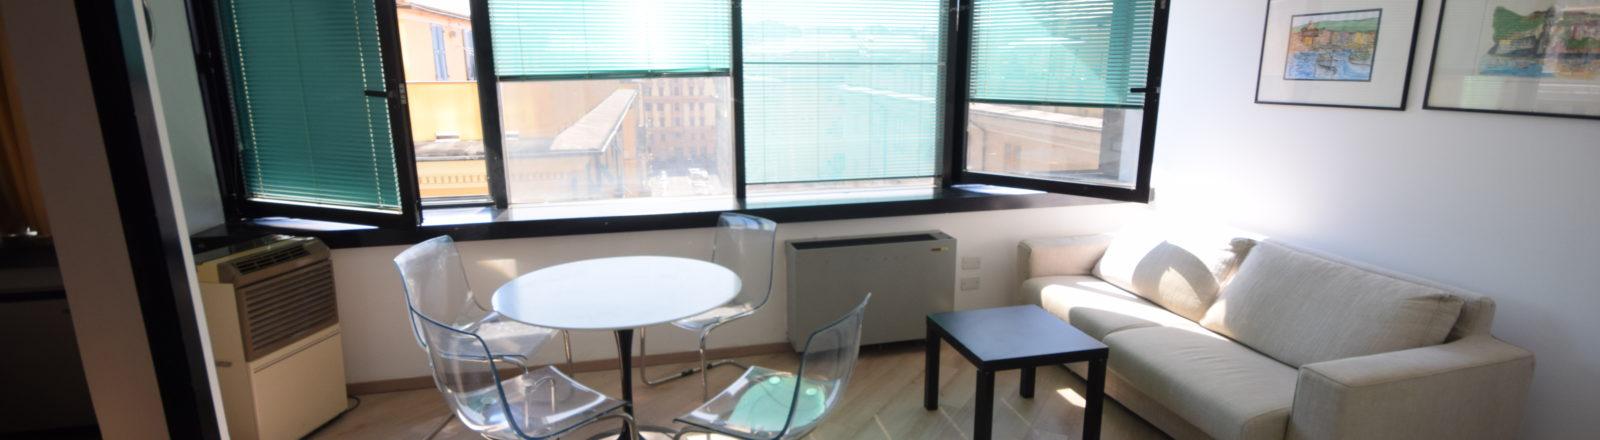 CENTRO (CORTE LAMBRUSCHINI) Affittasi Piano alto luminoso e panoramico abitazione/ufficio